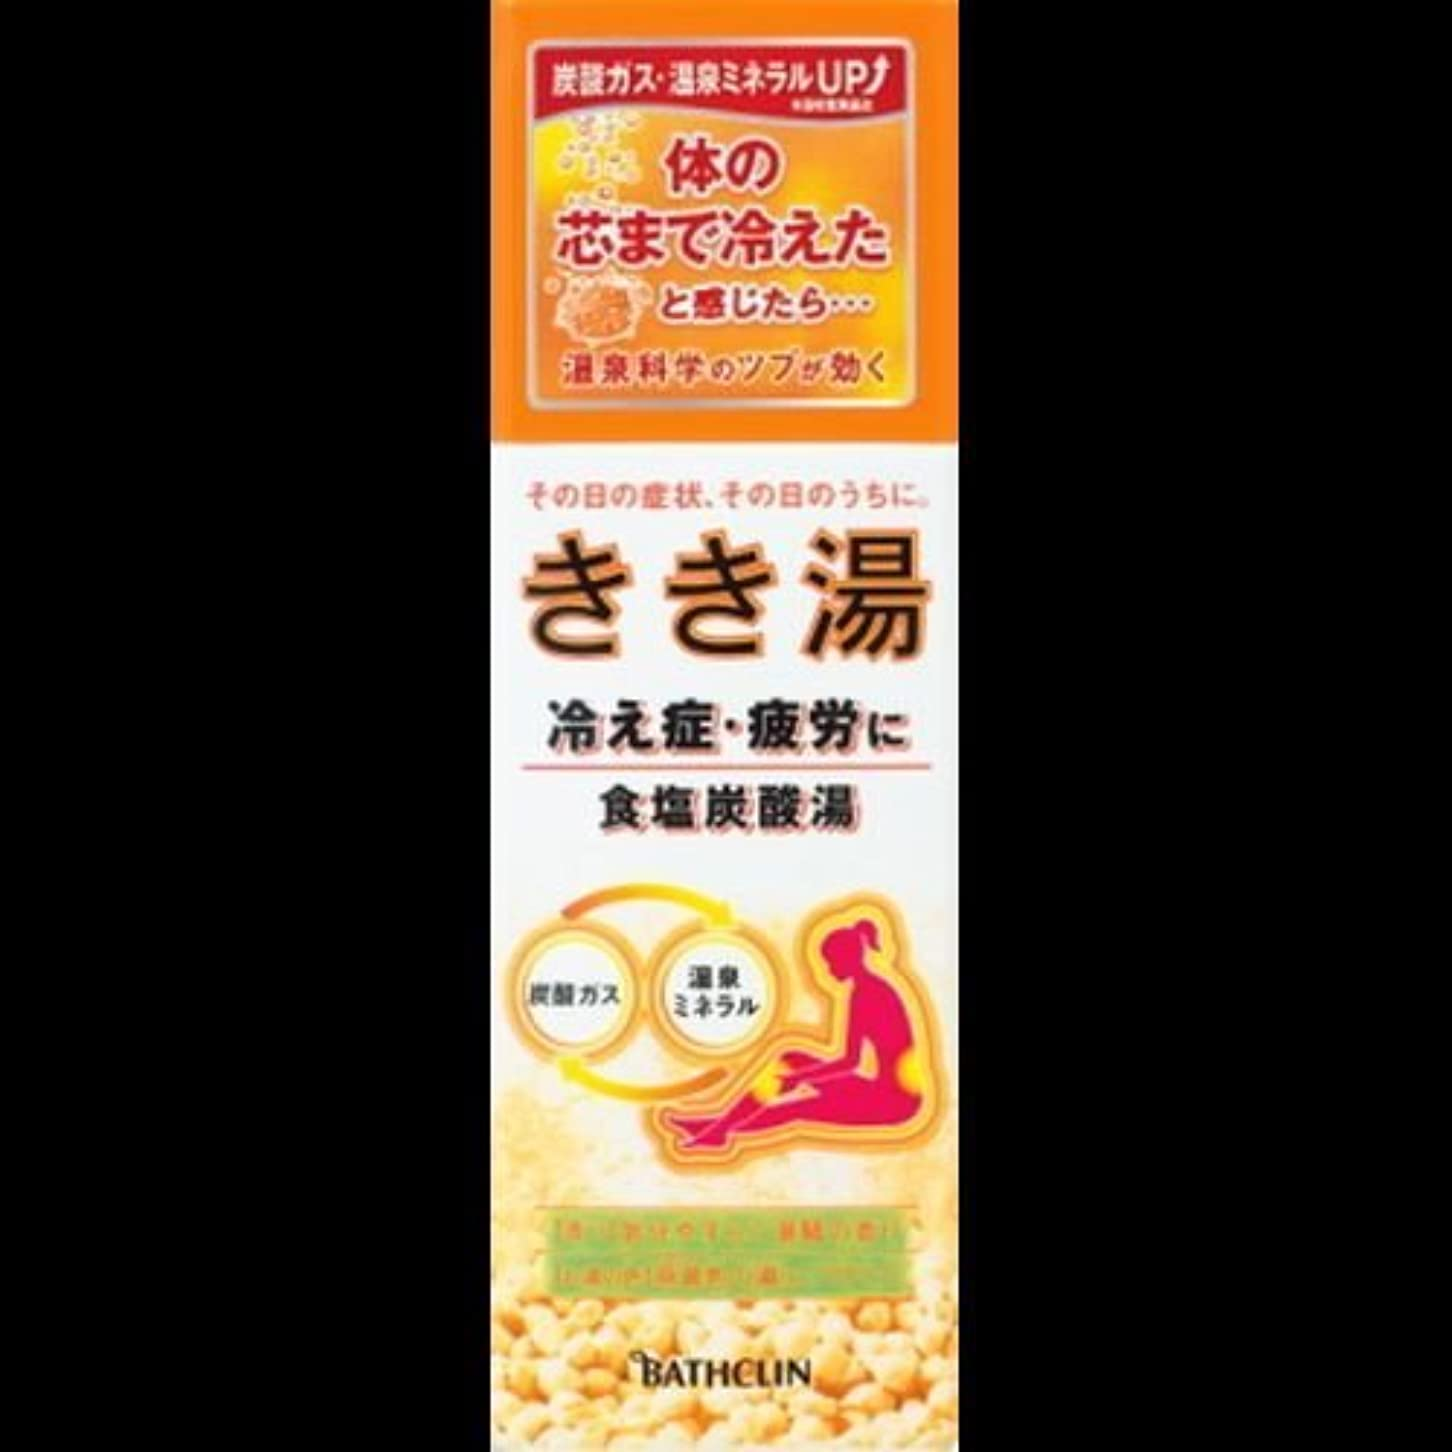 【まとめ買い】きき湯 食塩炭酸湯 気分やすらぐ潮騒の香り萌黄色の湯(にごりタイプ) 360g ×2セット